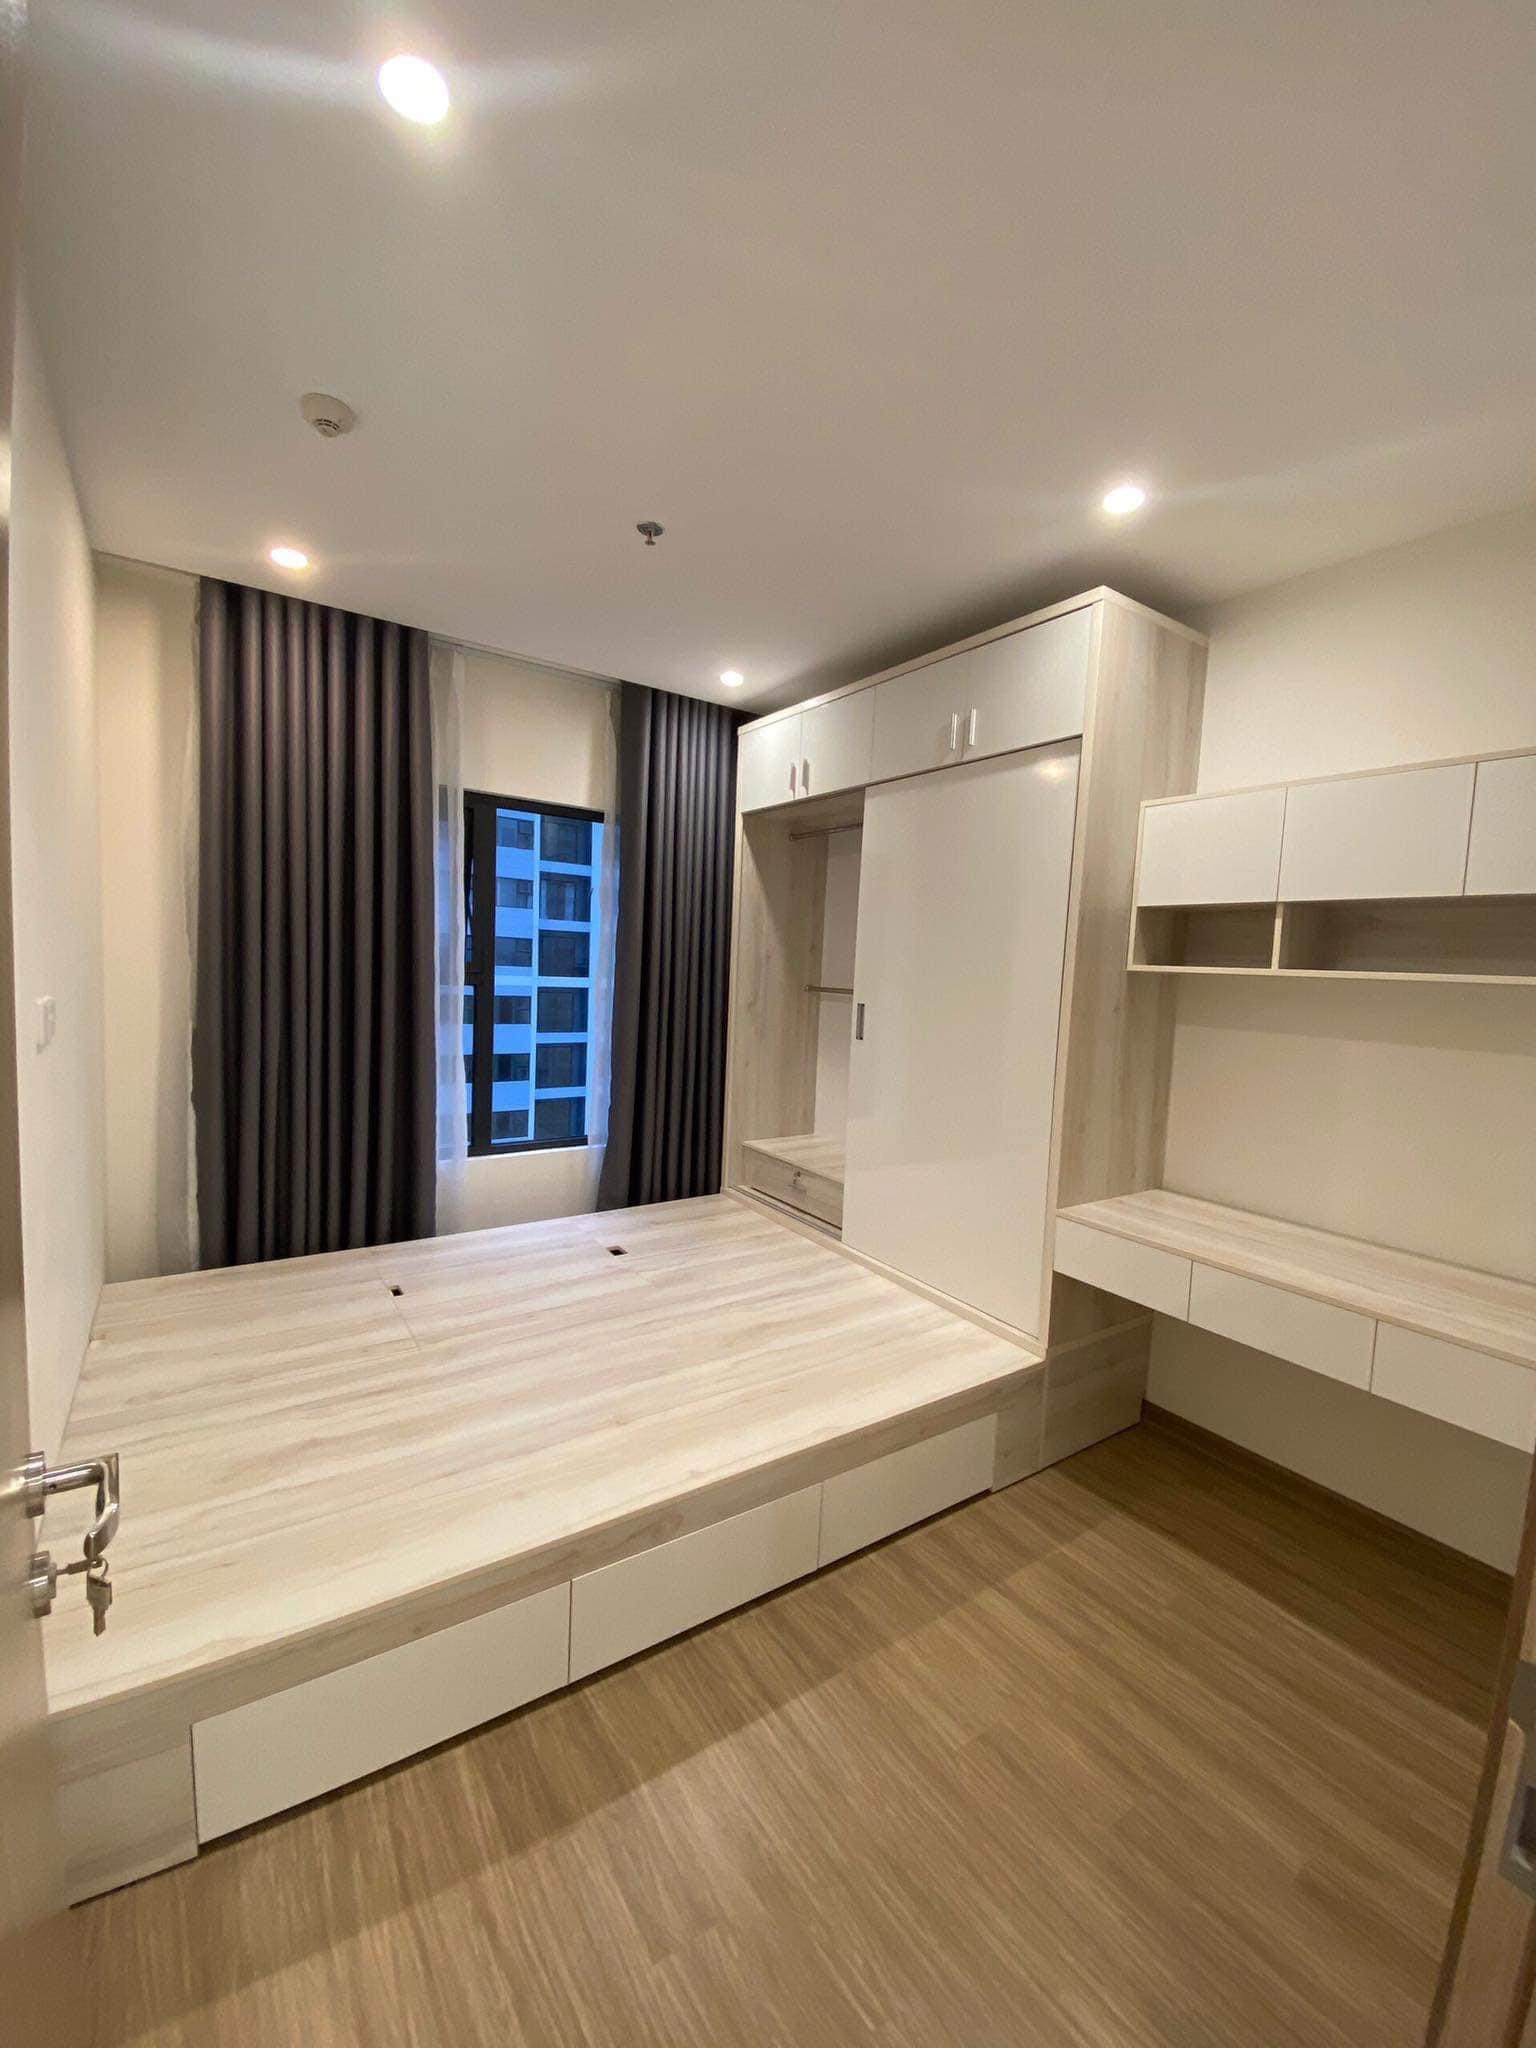 Căn hộ 1 phòng ngủ view hồ bơi tầng 16 toà S2.02 Vinhomes Grand Park 9